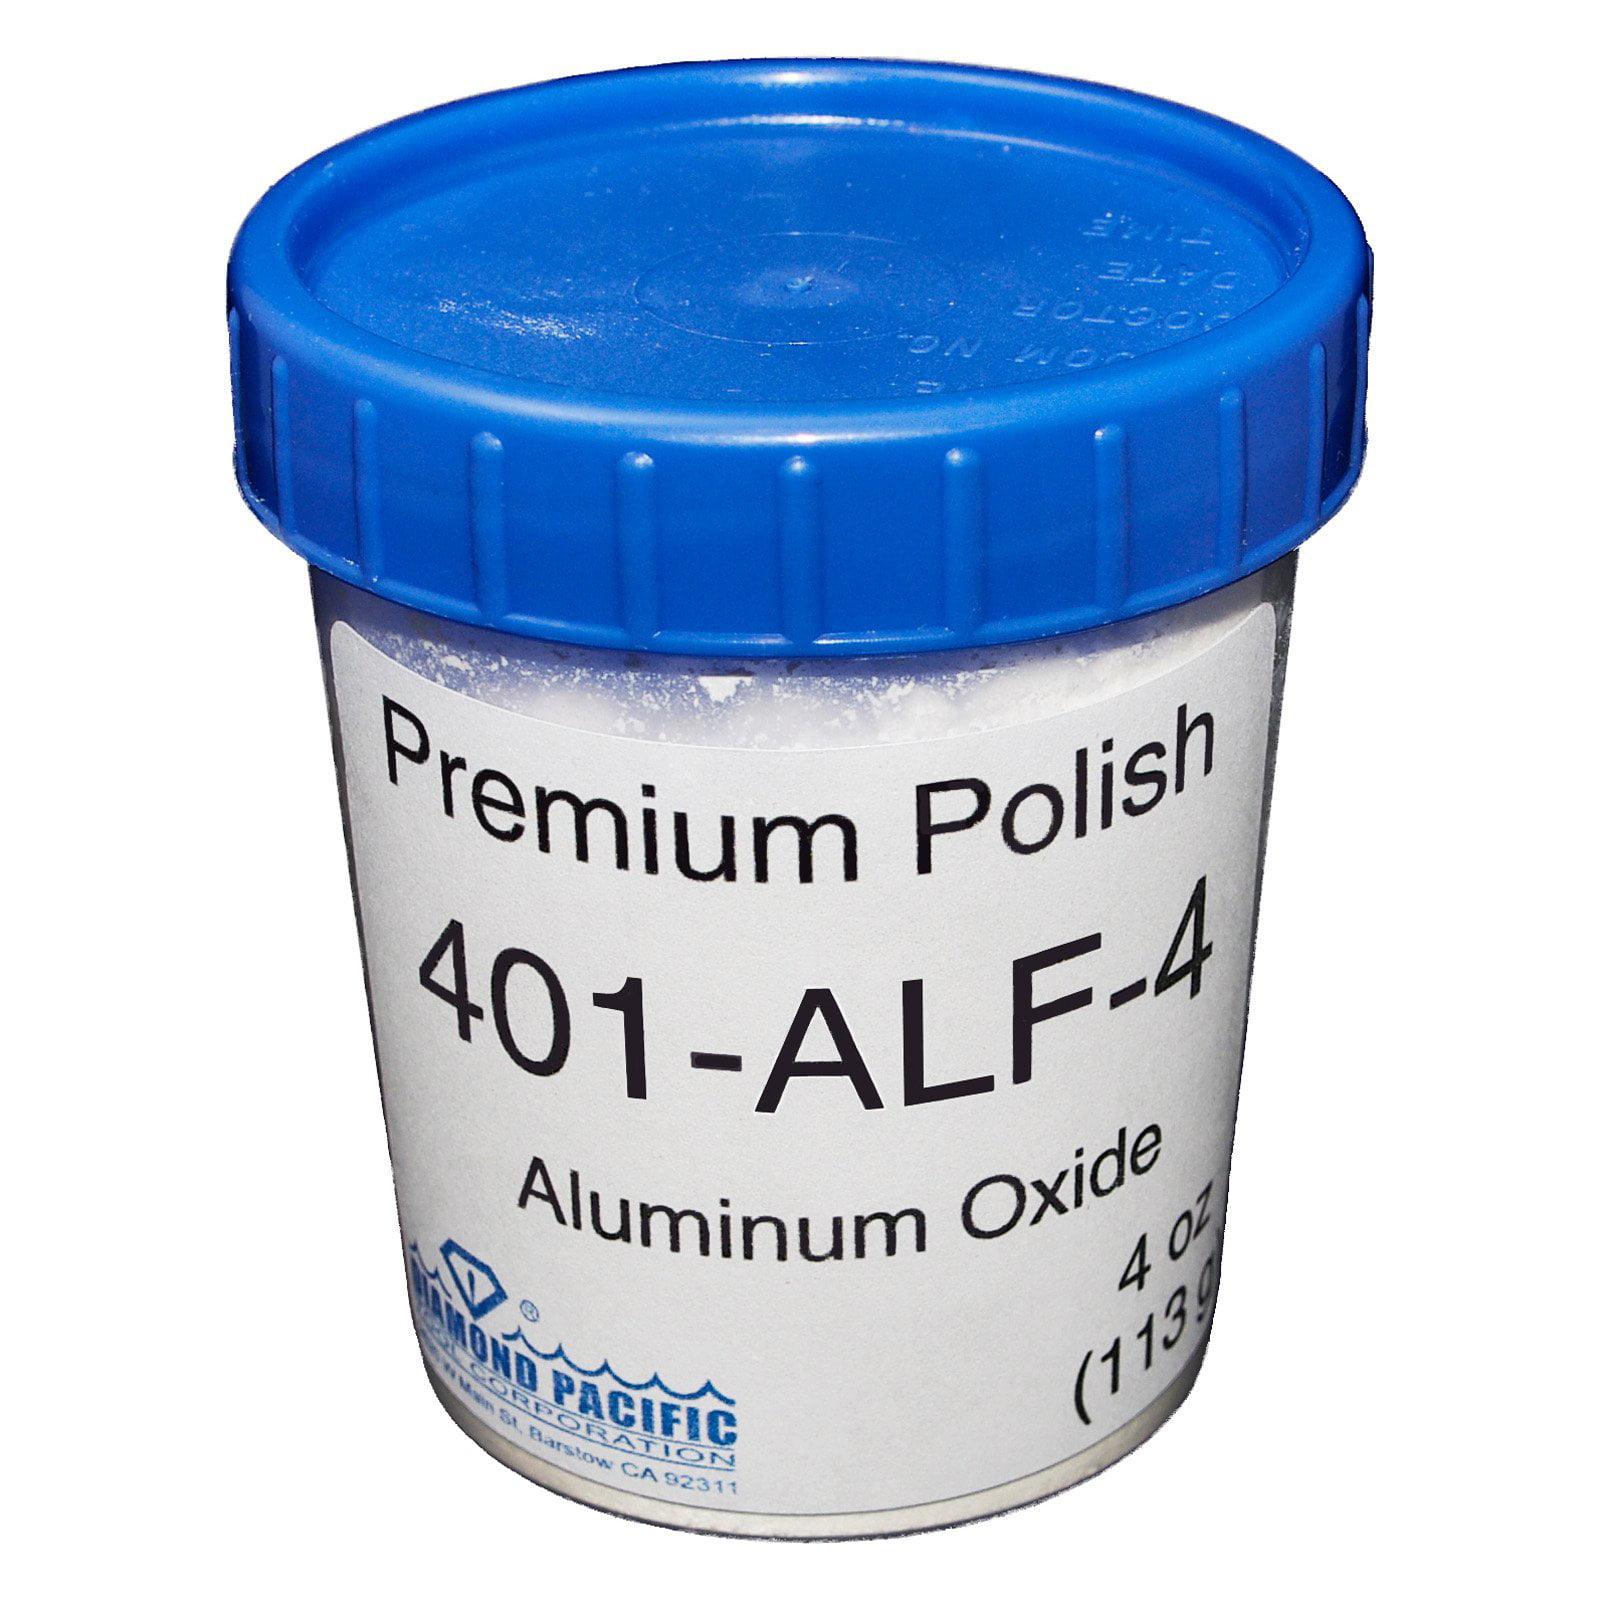 Poly-Al F Polish